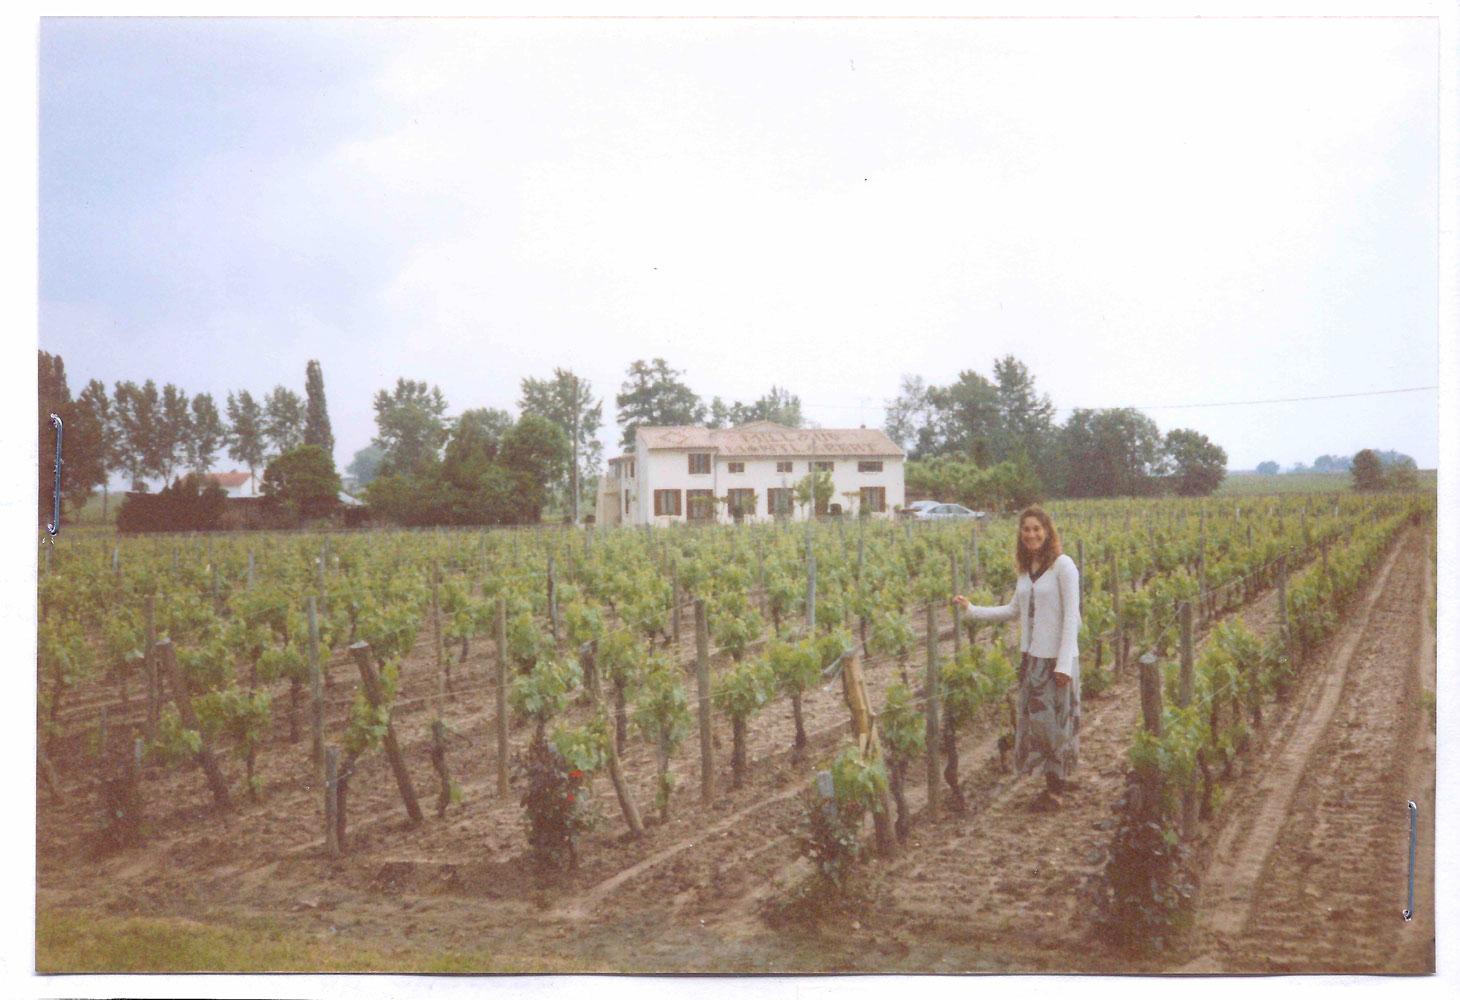 St. Emilion, France, vineyards in 1996.